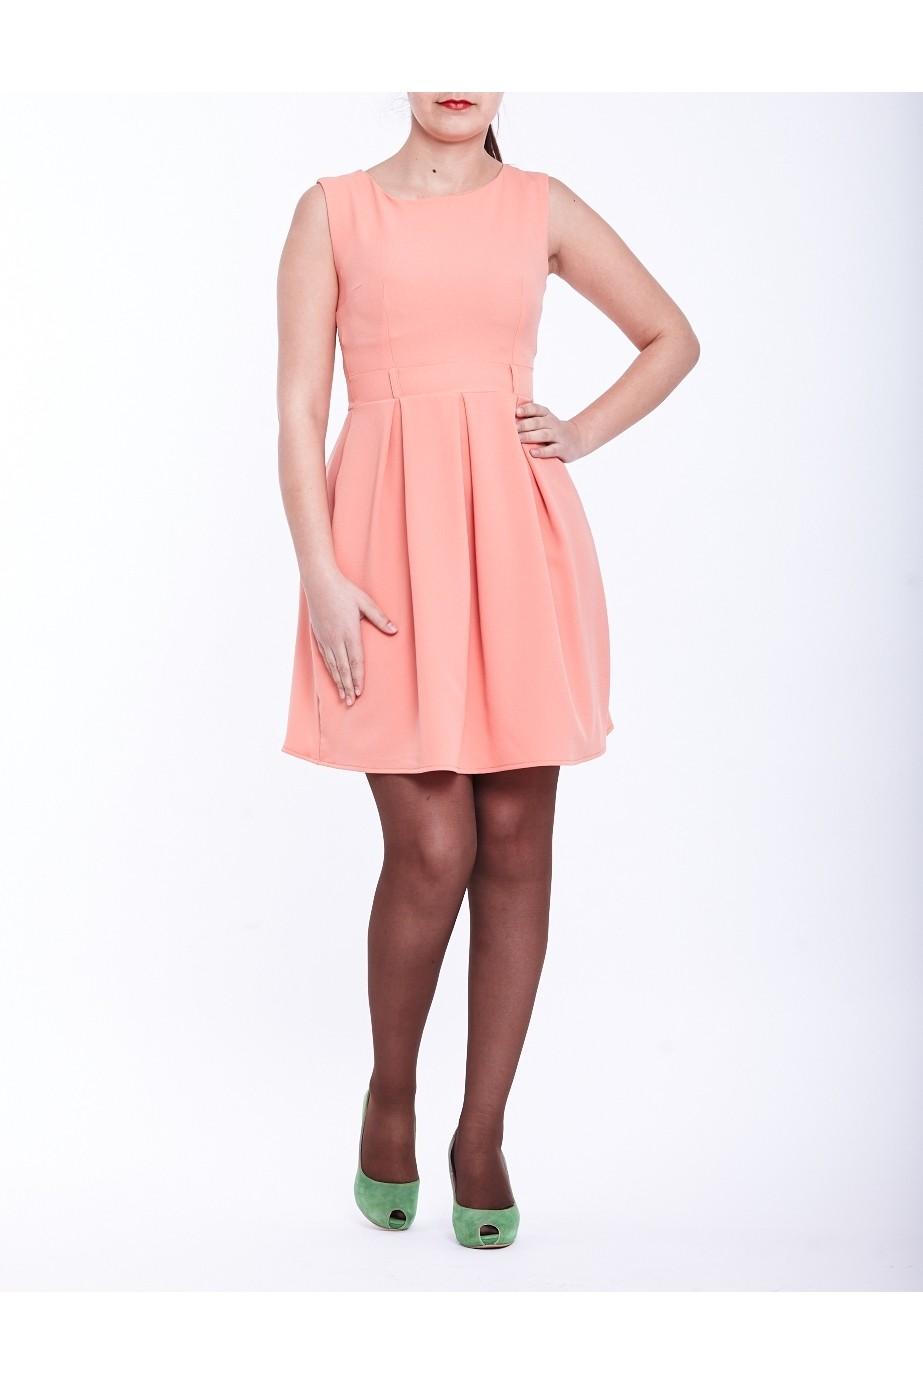 Rochie roz uni cu cute TinaR 40